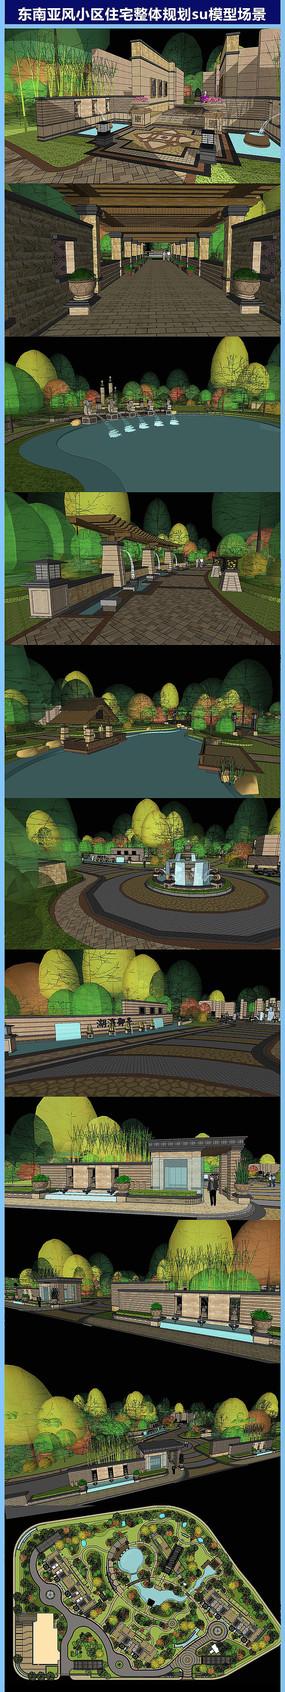 东南亚风小区住宅整体规划su模型场景